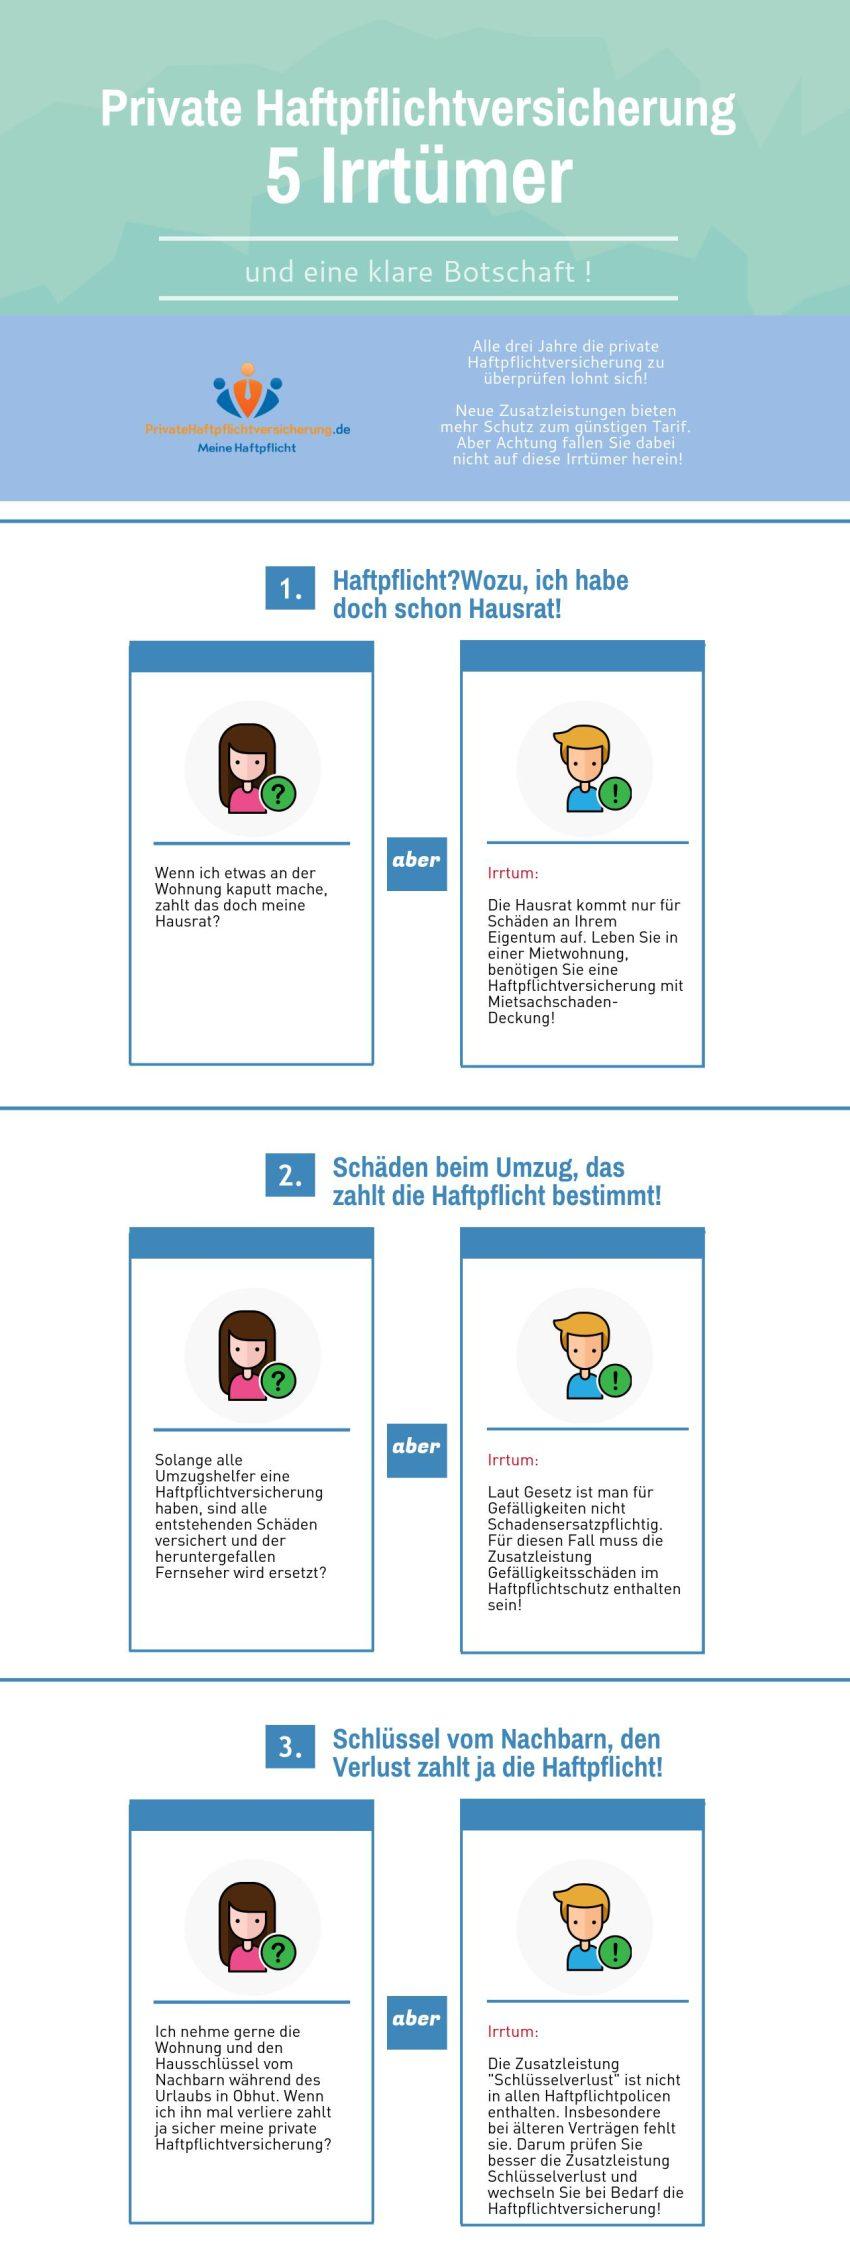 Haftpflichtversicherung Irrtümer Infografik